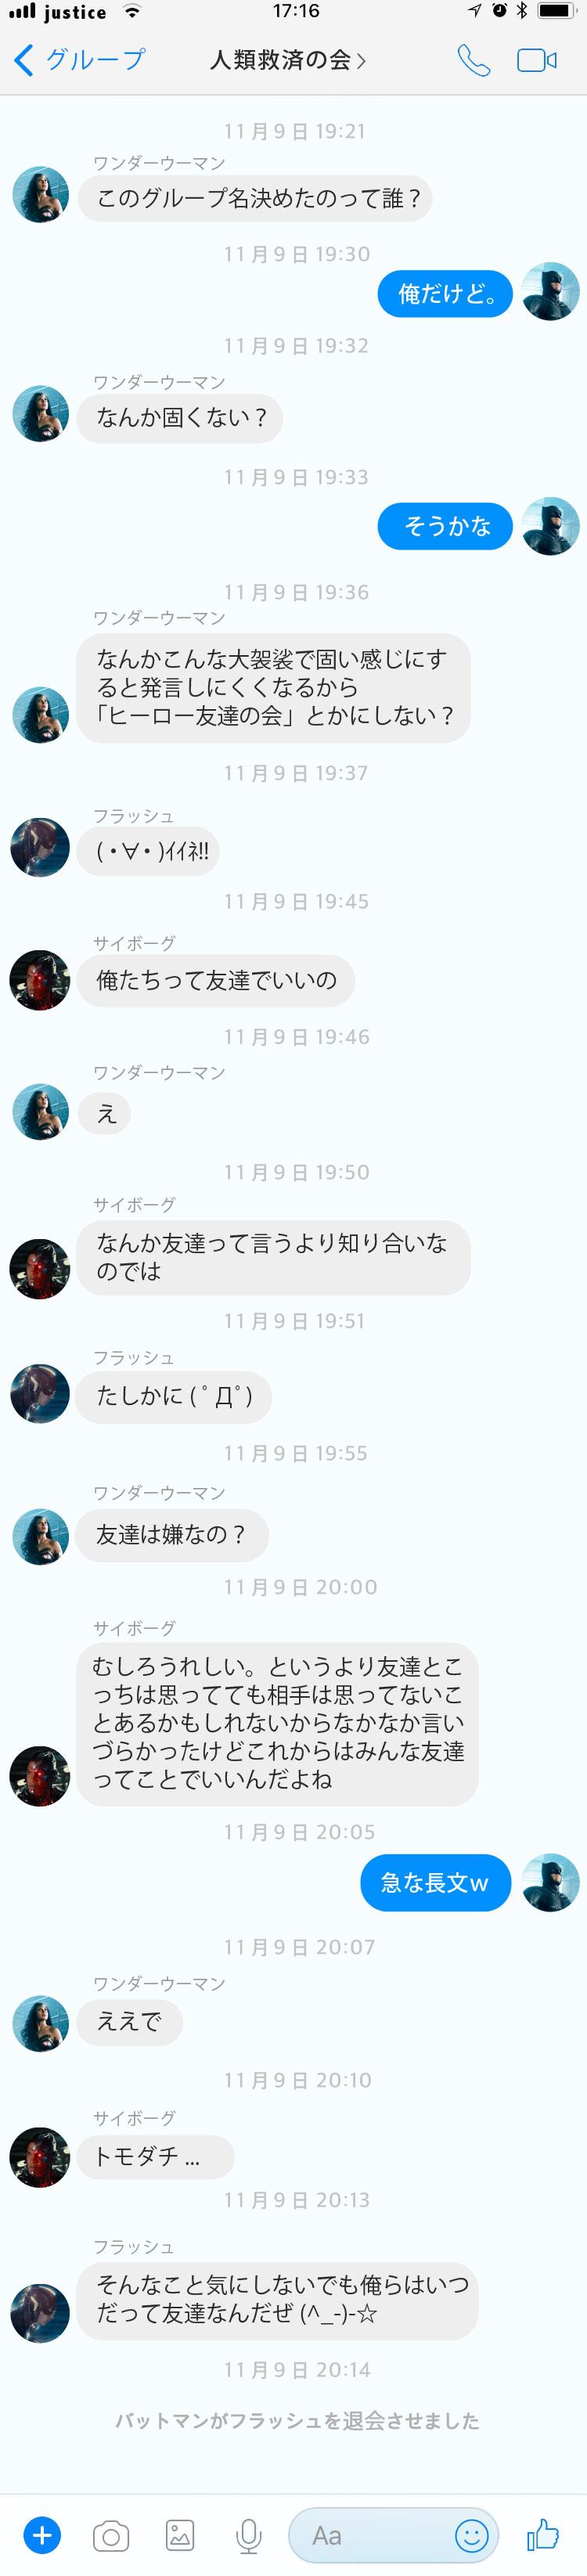 justice_messenger1